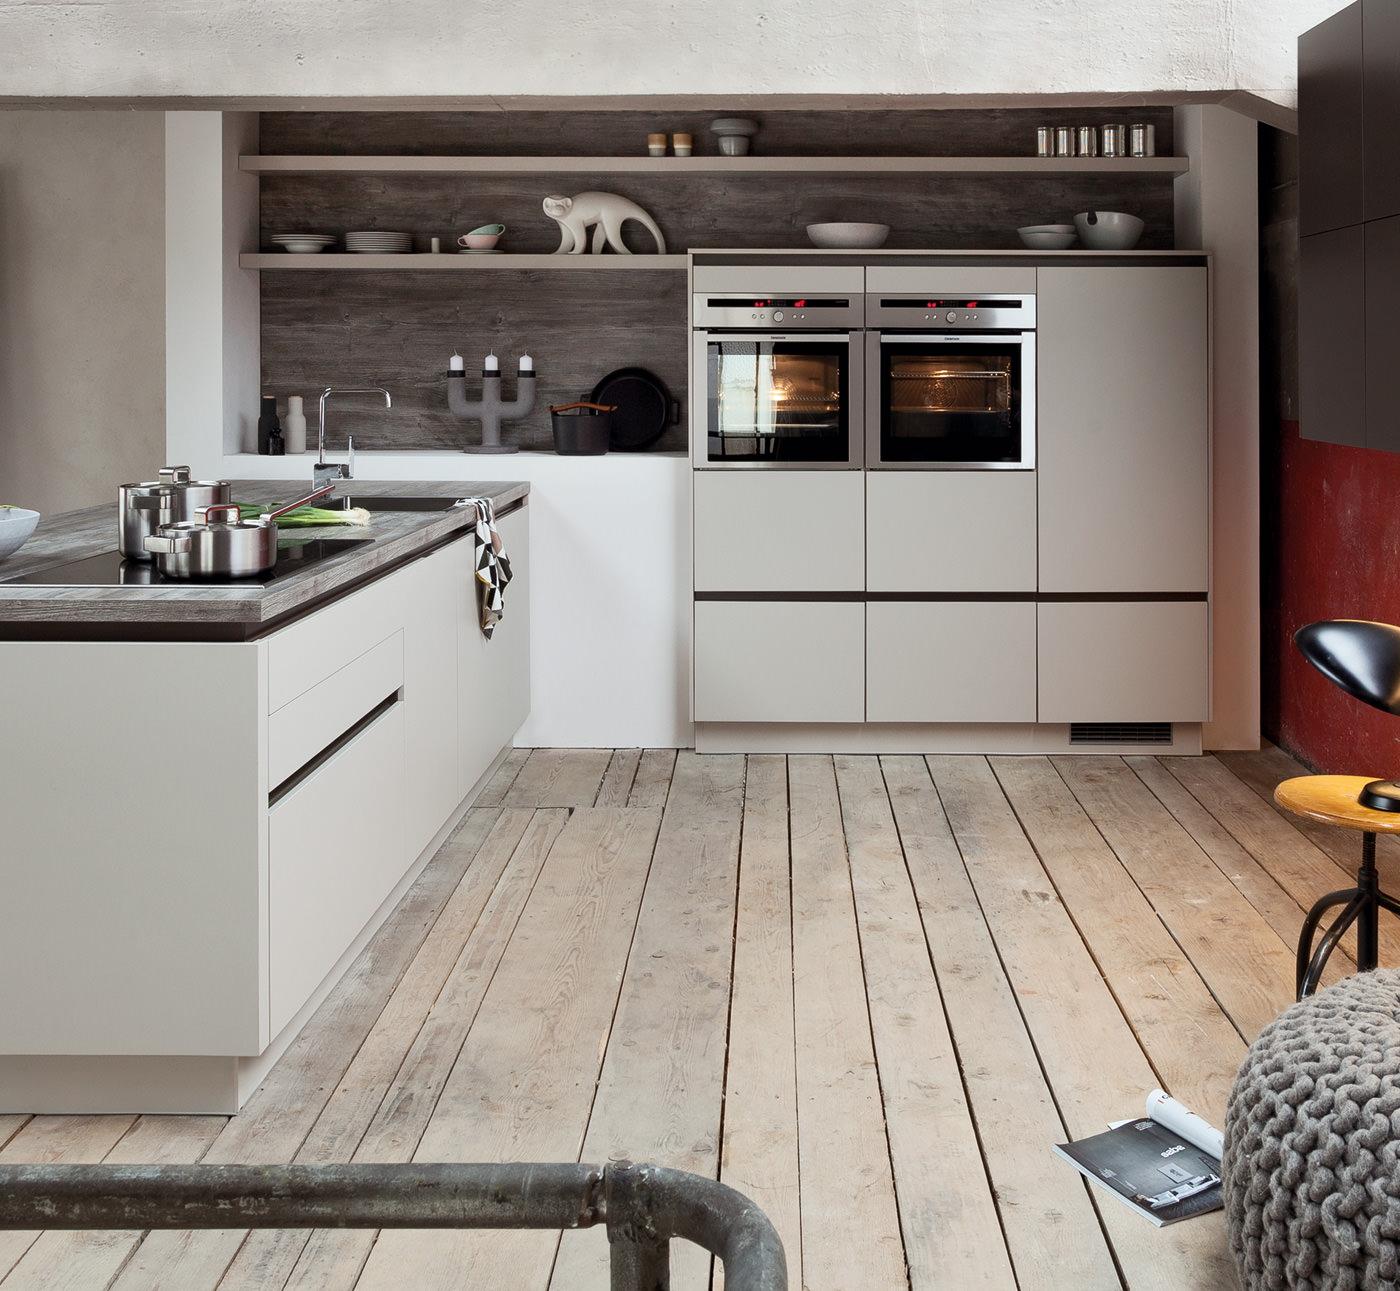 Unsere Küchenausstellung: Planungen für jeden Geschmack